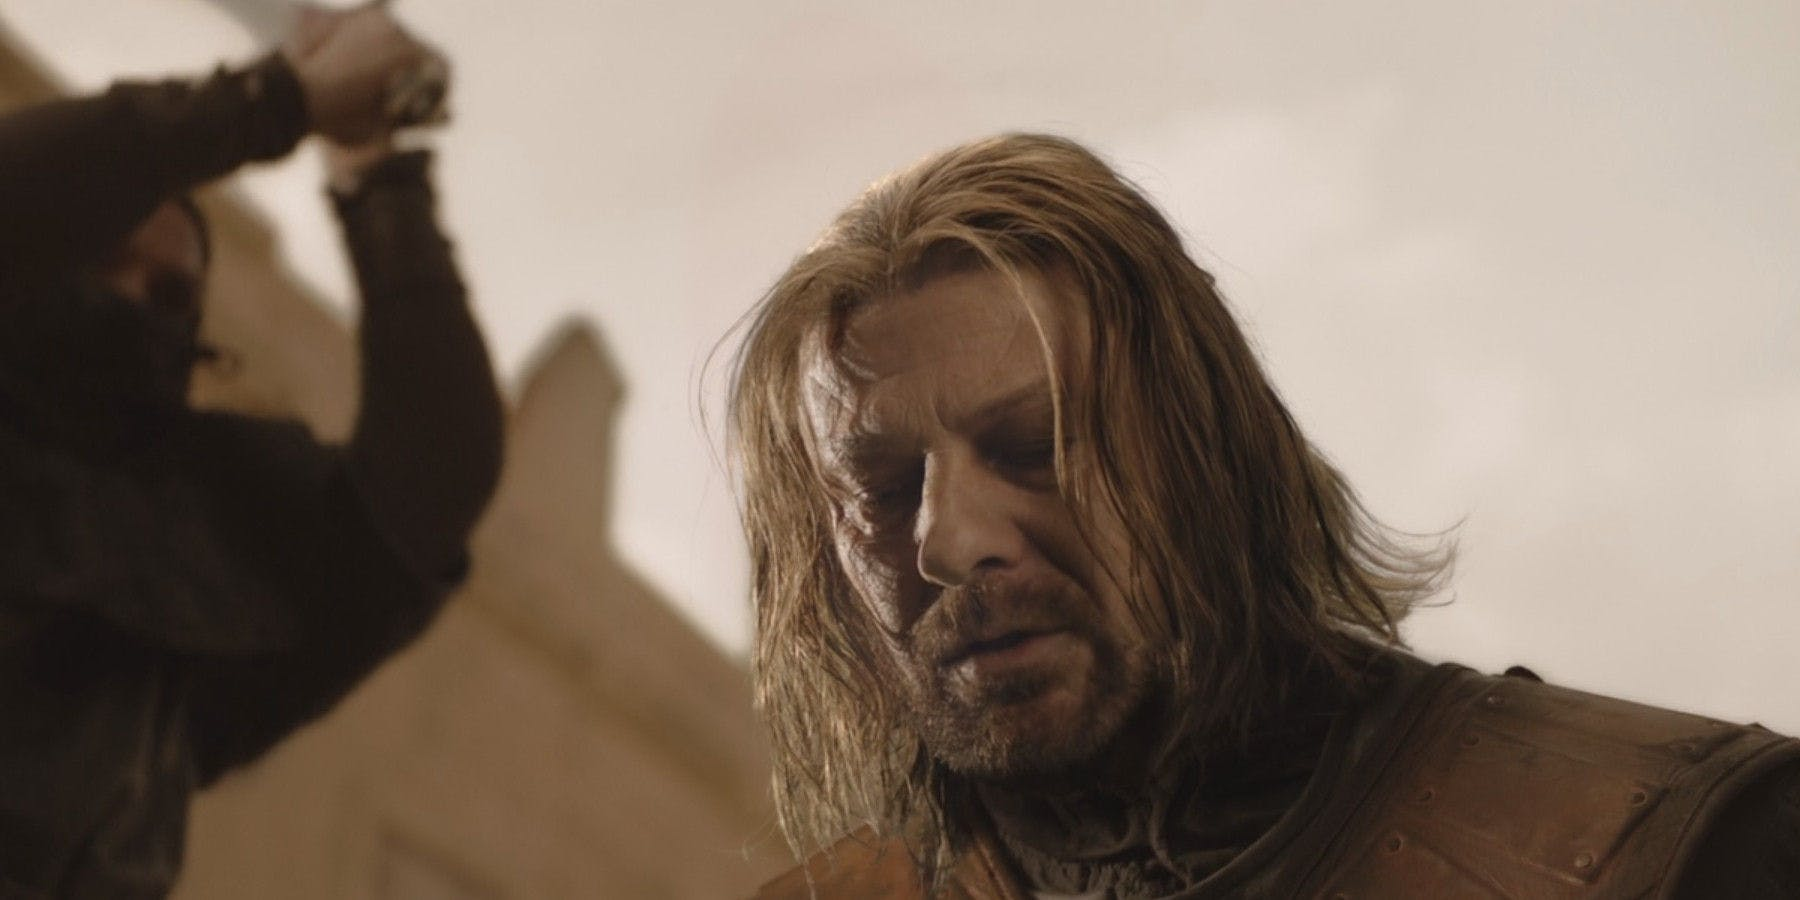 Ned Stark's last words finally revealed, Report